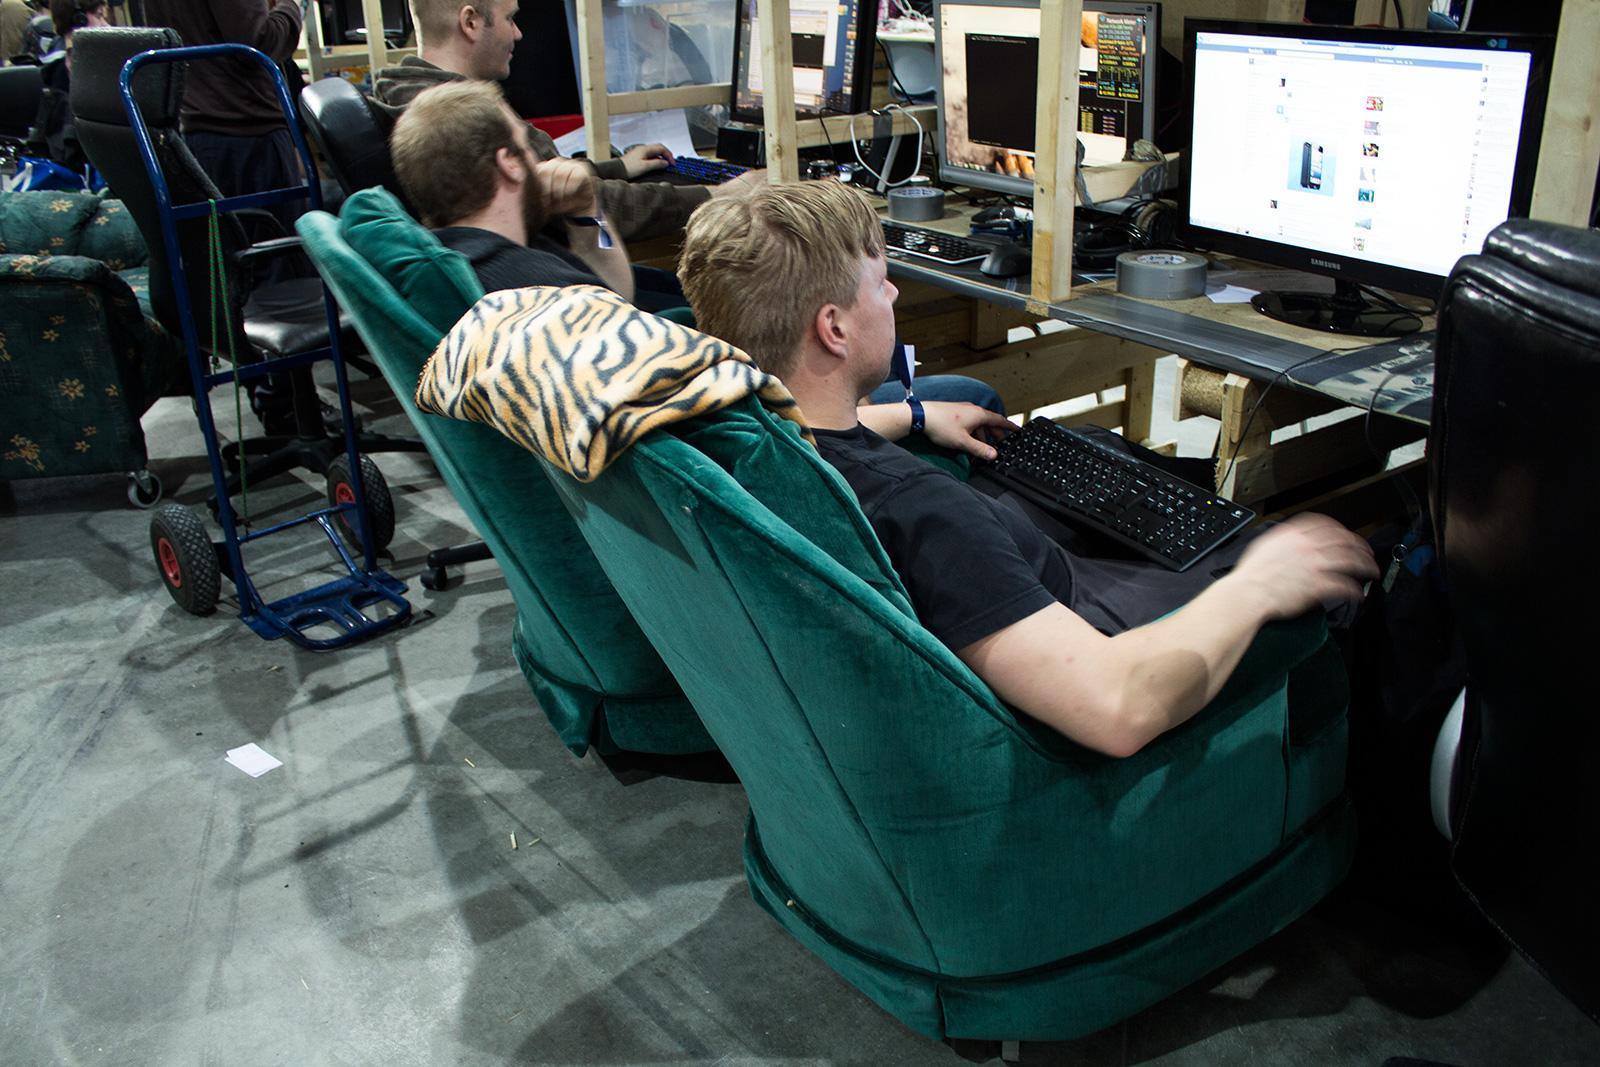 Det var mange som ikke lot seg friste av pinnestoler, og heller sørget for medbrakt komfort.Foto: Varg Aamo, hardware.no